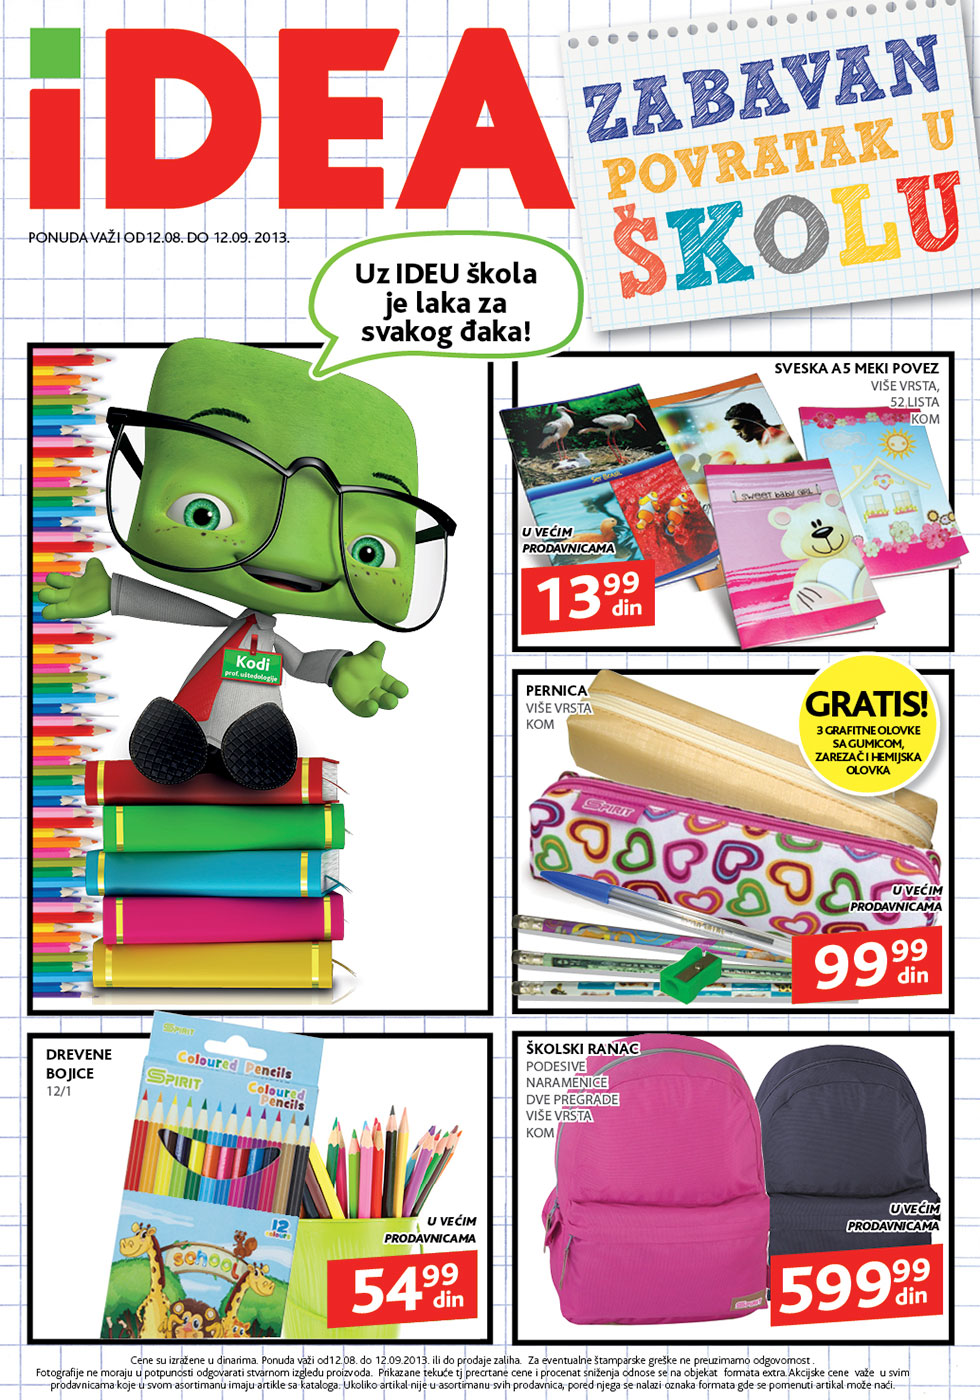 Idea katalog sve za školicu po super ceni